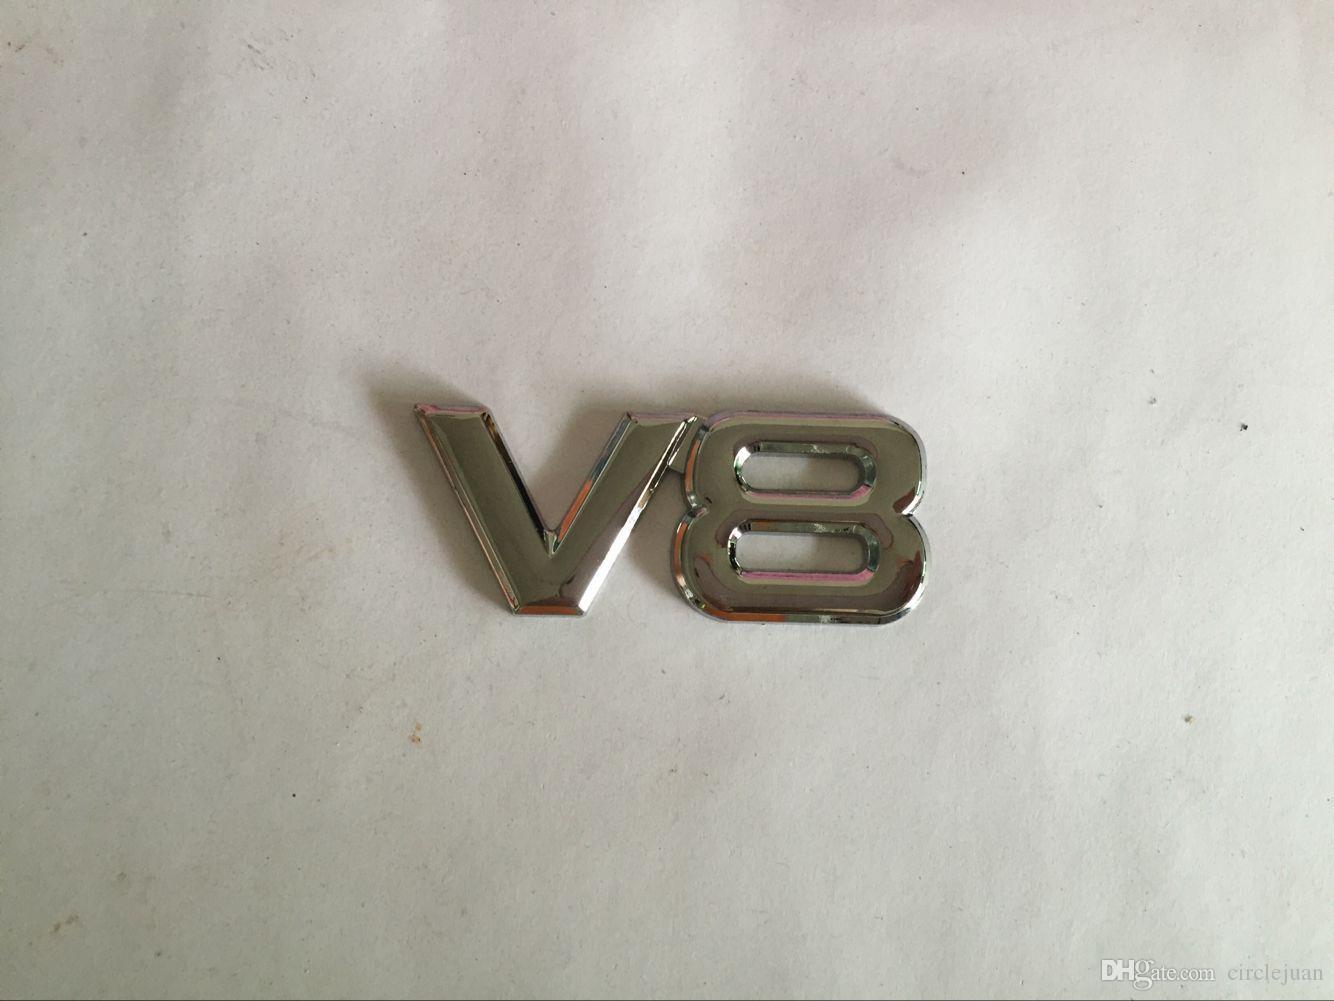 3D Métal V8 emblèmes Badges Voiture Autocollants Car styling noir et argent